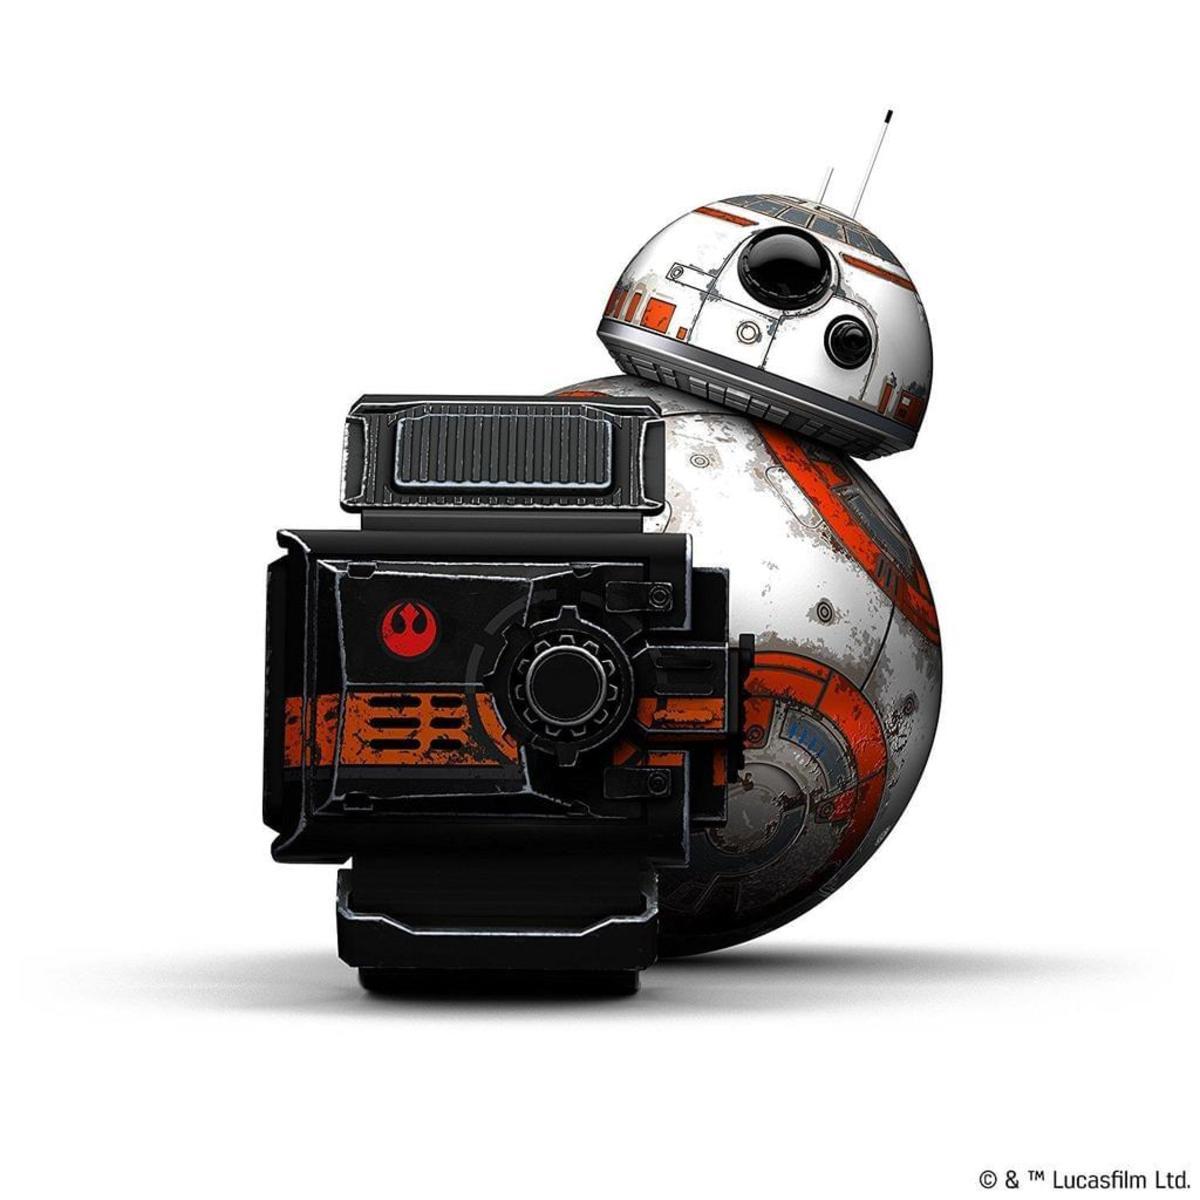 Bild 2 von Sphero Star Wars Roboter App Gesteuerter BB-8 Droid mit Force Band